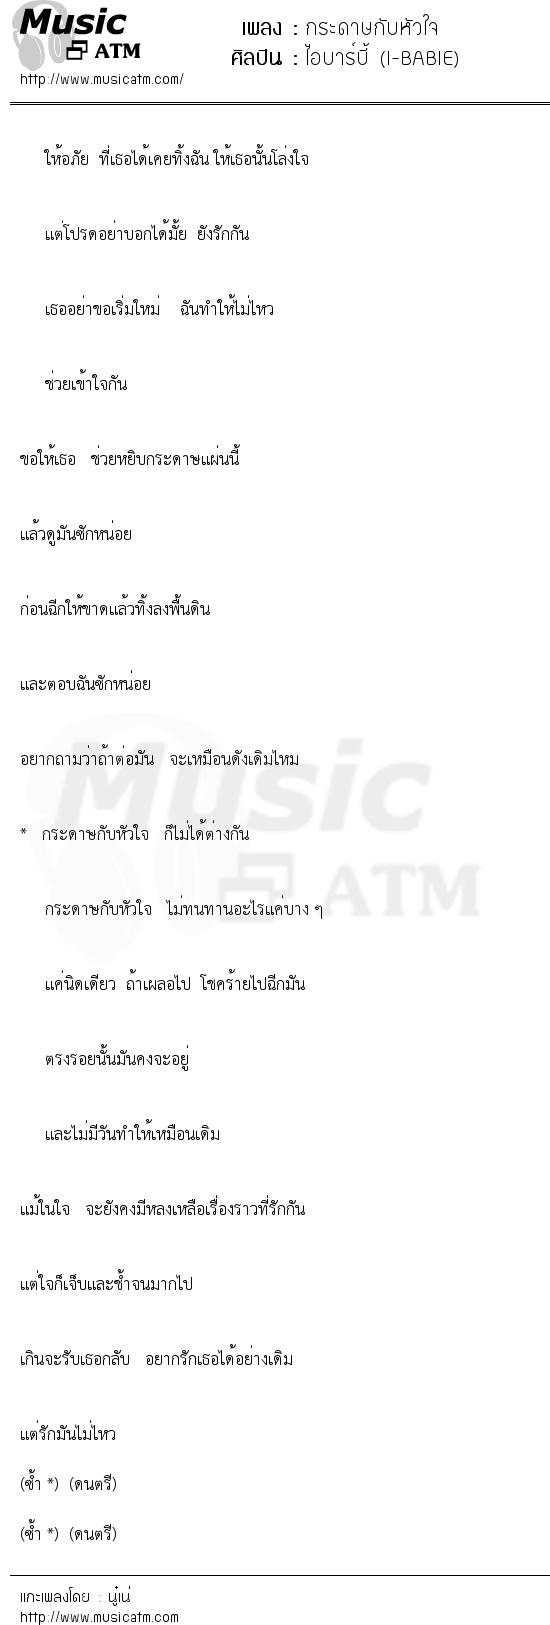 กระดาษกับหัวใจ   เพลงไทย